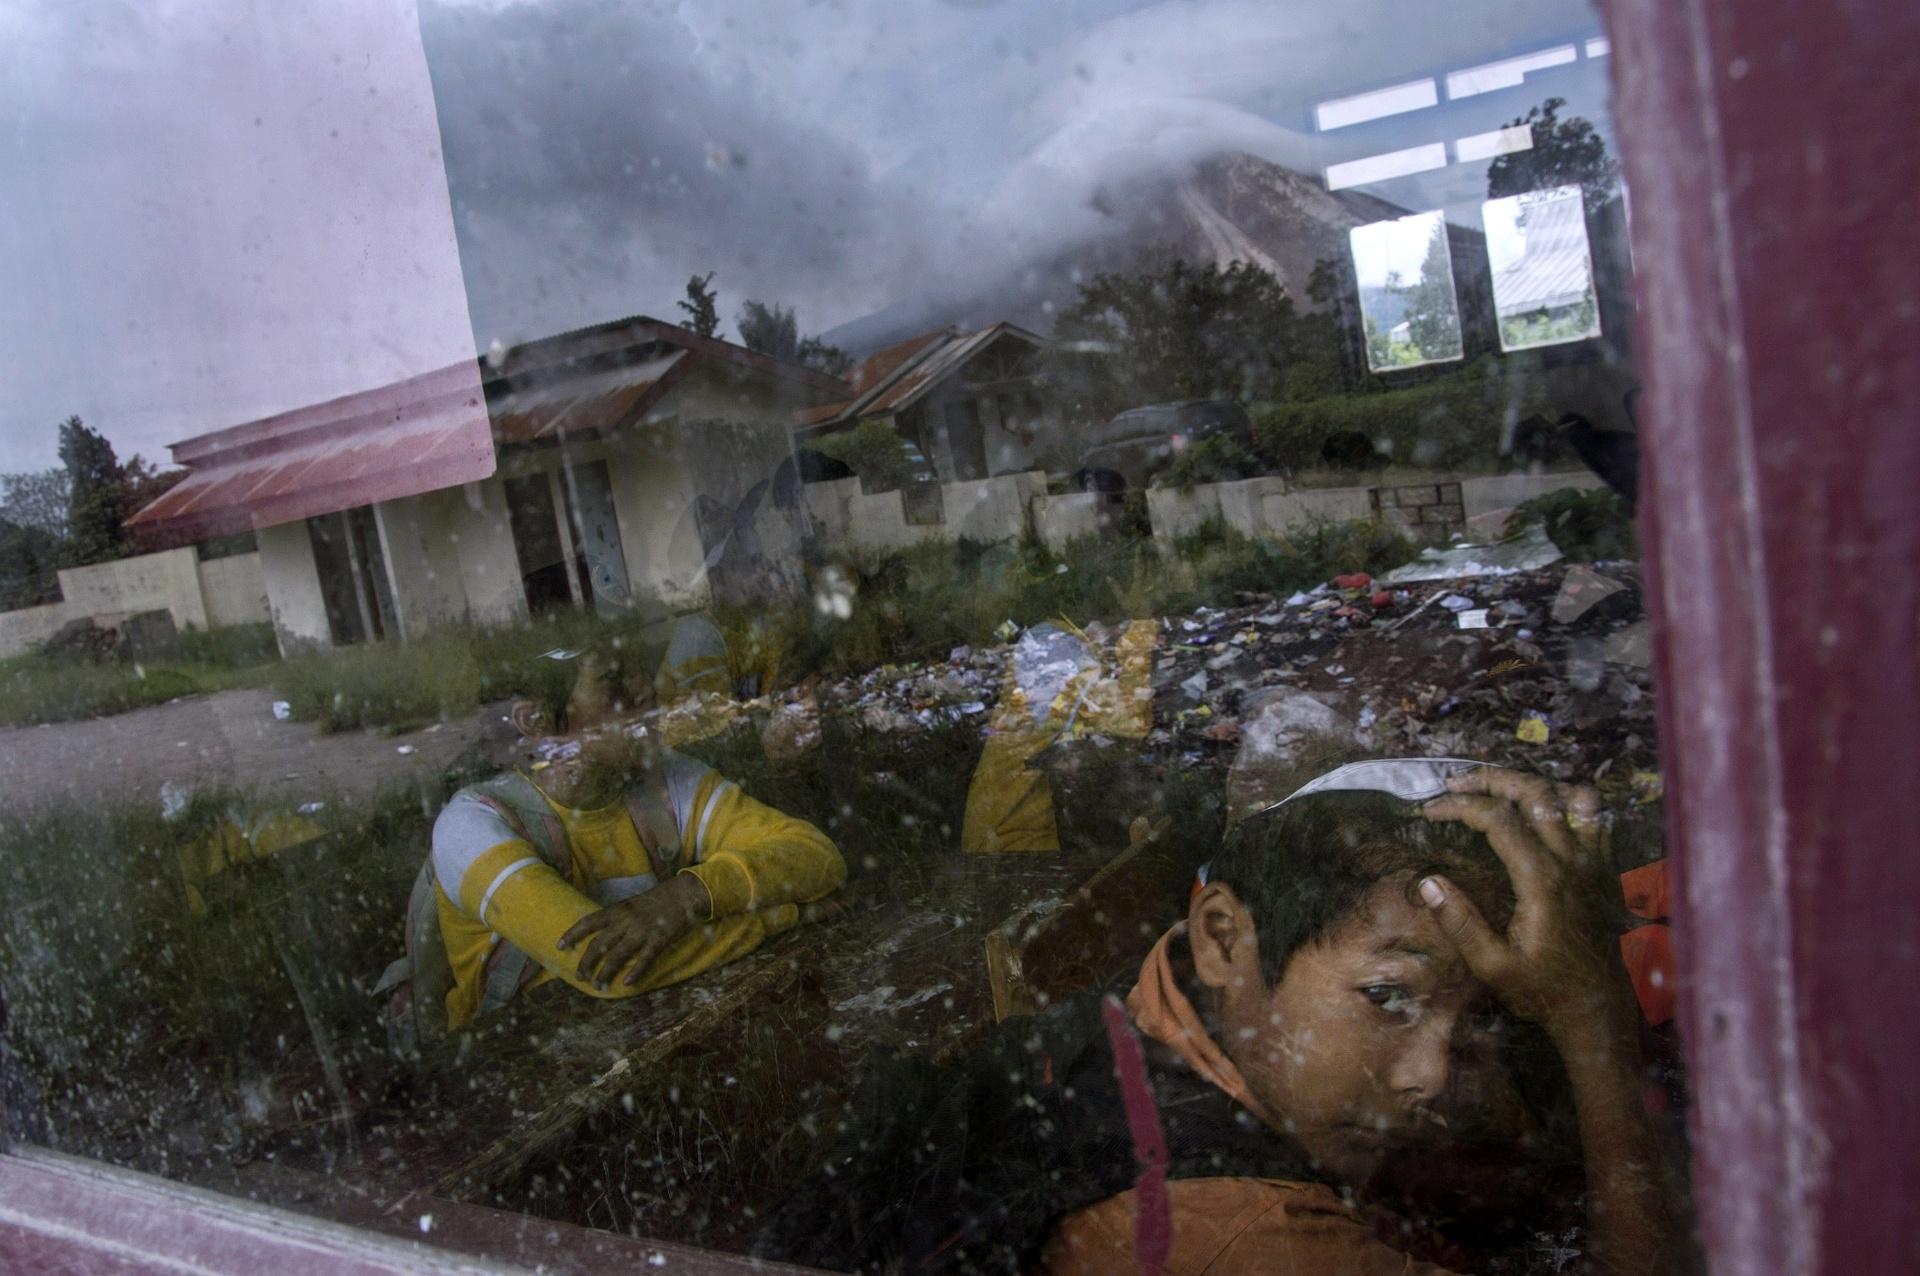 12.jun.2015 - Estudante indonésio observa a paisagem, enquanto o vulcão Sinabung, refletido na janela, lança cinzas vulcânicas na província de Sumatra do Norte, nesta sexta-feira (12). Cerca de 3.000 pessoas foram evacuadas de suas casas depois da Indonésia atualizar o alerta de vulcões em Sumatra para o nível mais alto possível